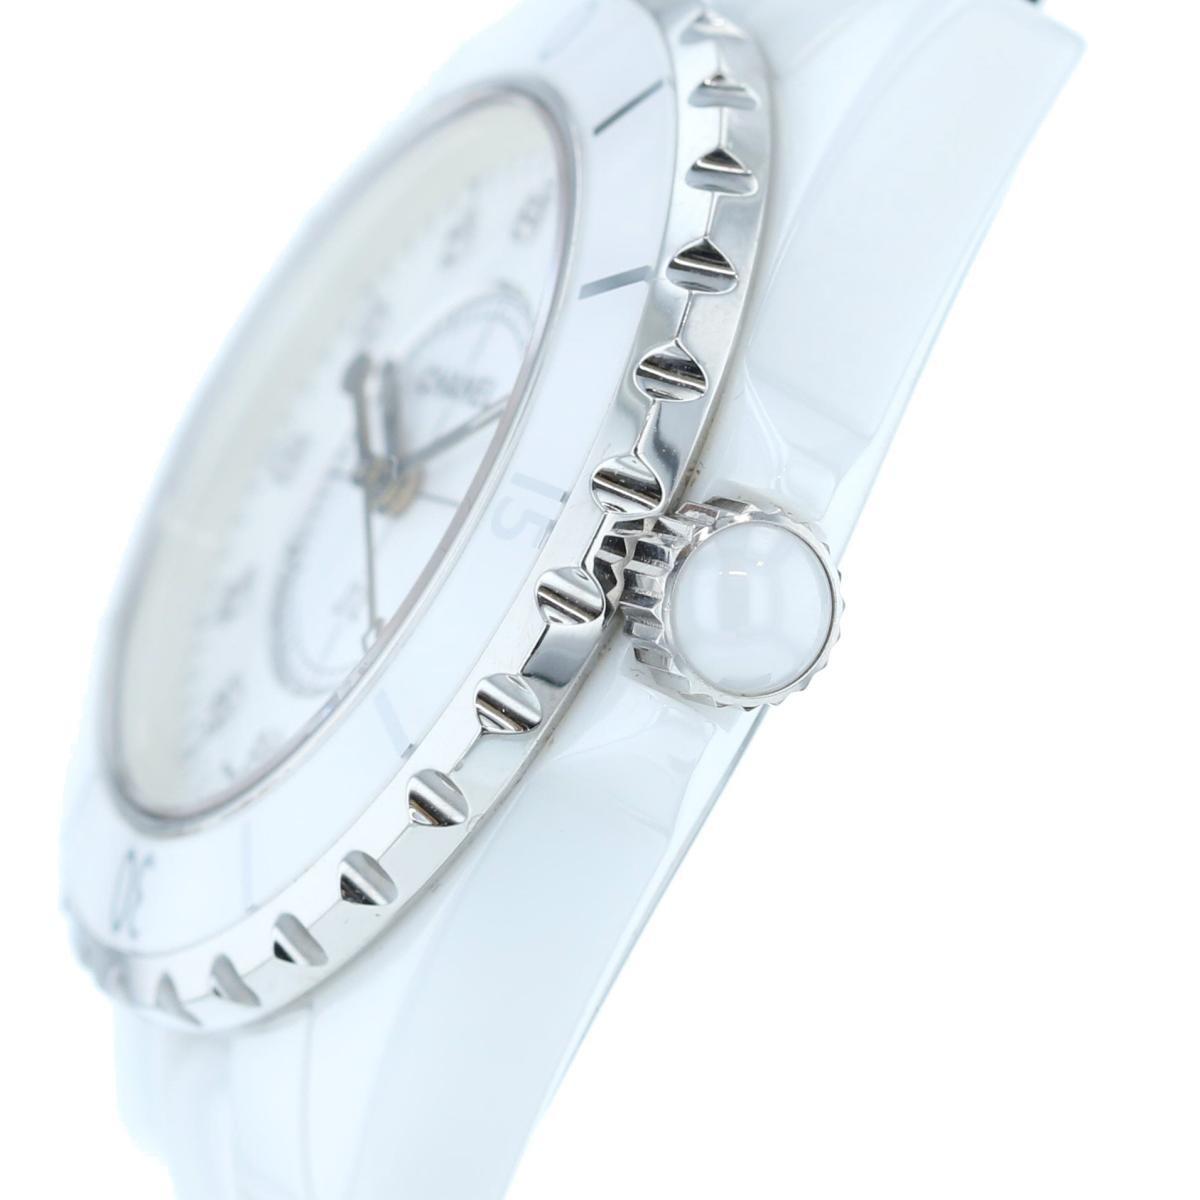 【中古】 CHANEL シャネル J12 33� 12Pダイヤモンド 時計 クオーツ/メンズ J12/White ホワイト H1628 セラミック used:B